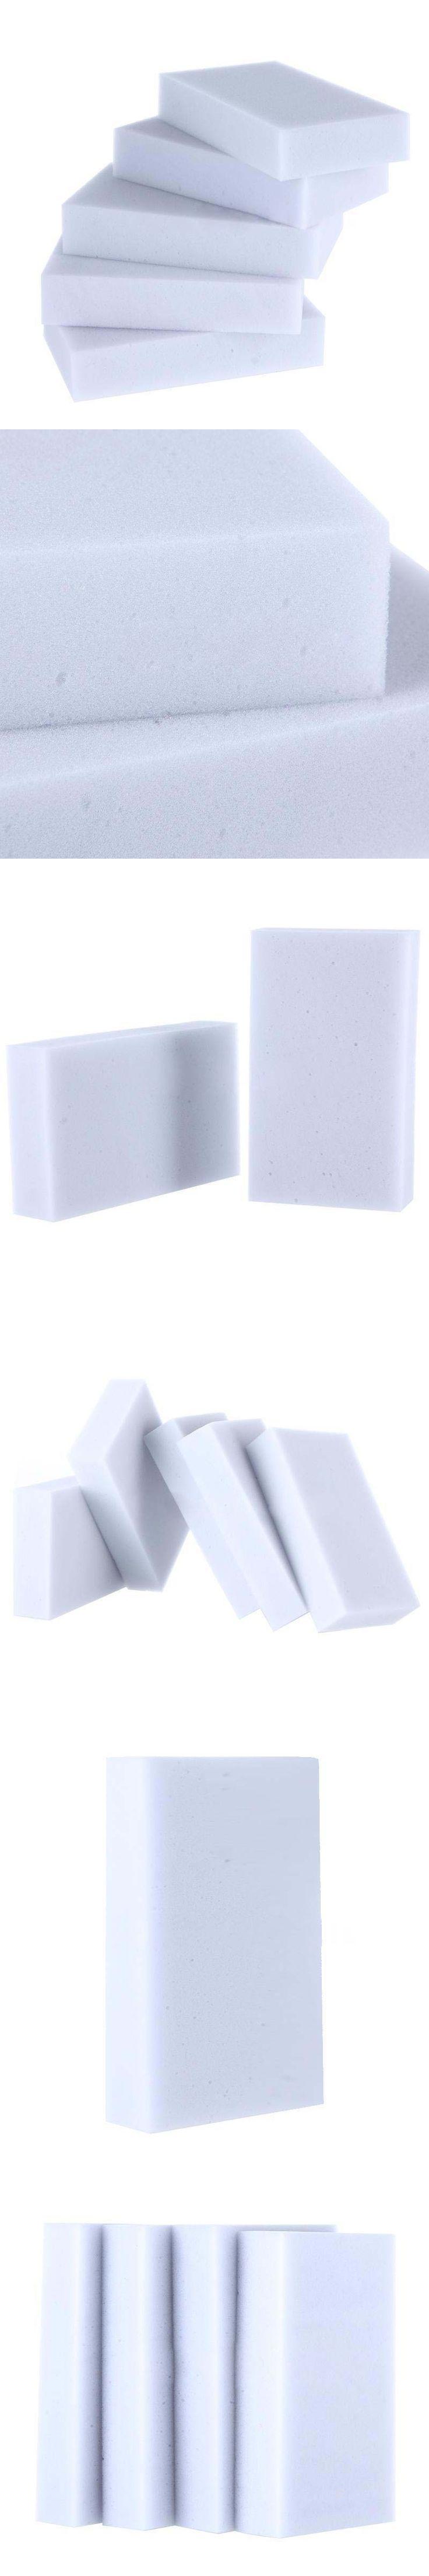 100pcs Eraser Melamine Foam Cleaner Magic Sponge Multi-Functional Soft White